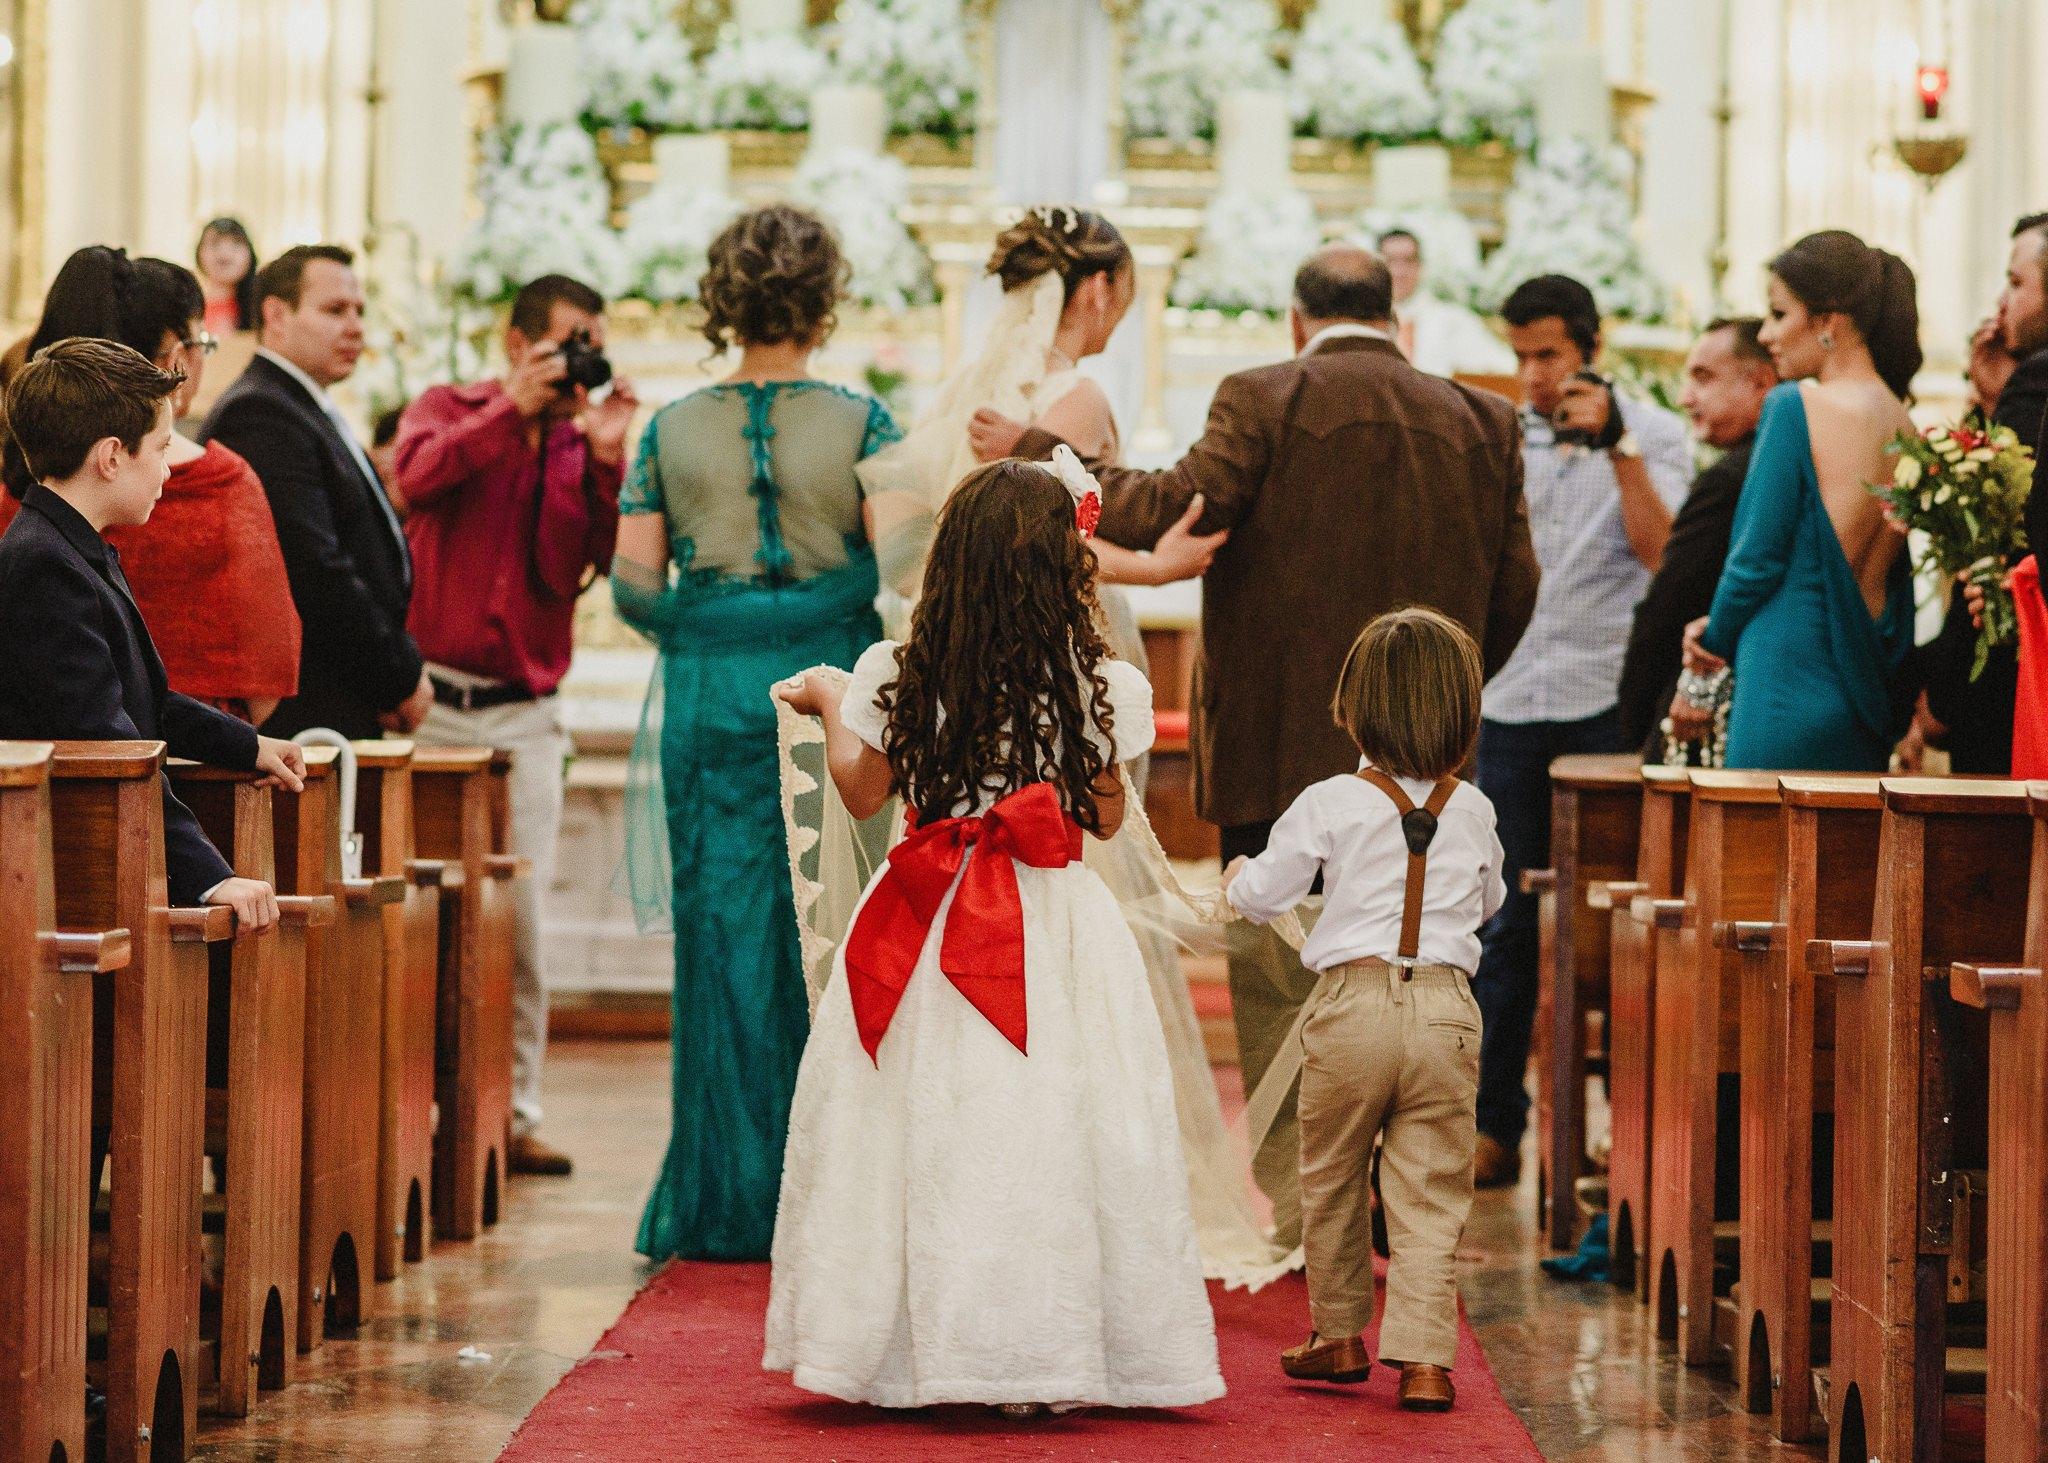 02boda-wedding-ceremonia-templo-barrio-del-encino-aguascalientes-fotografo-luis-houdin49